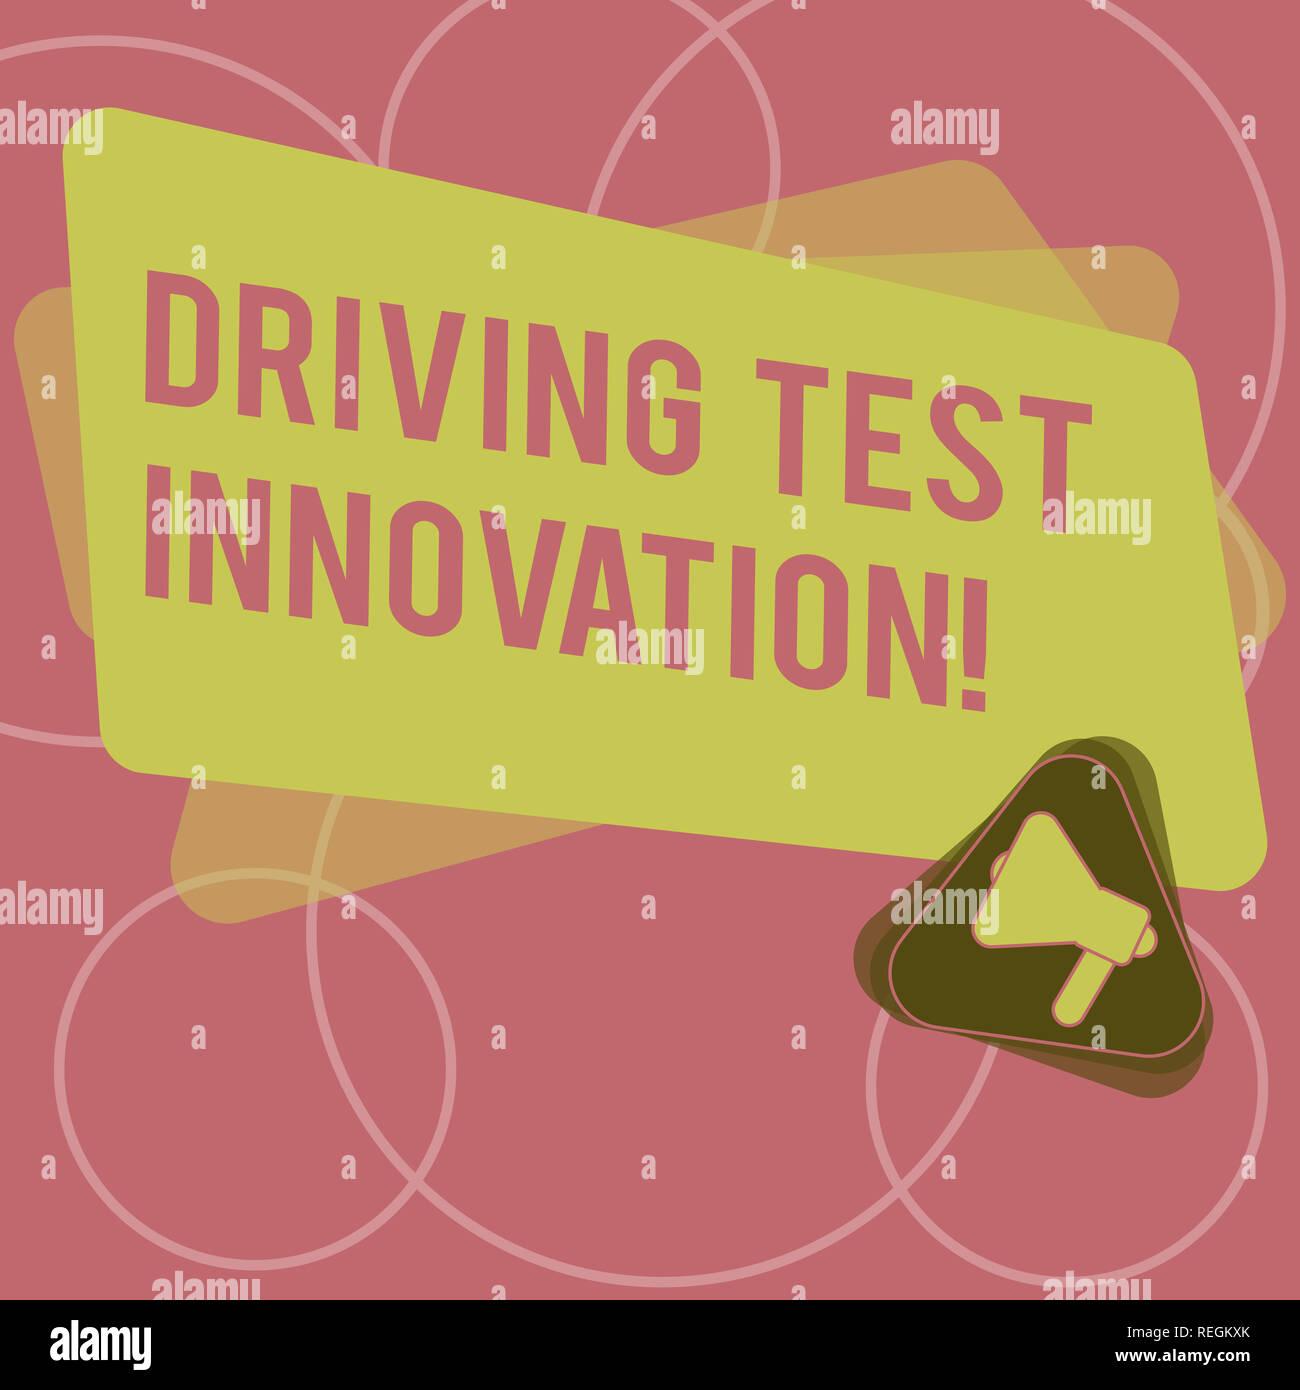 Test De Conduite >> L Ecriture De Texte Word Test De Conduite De L Innovation Concept D